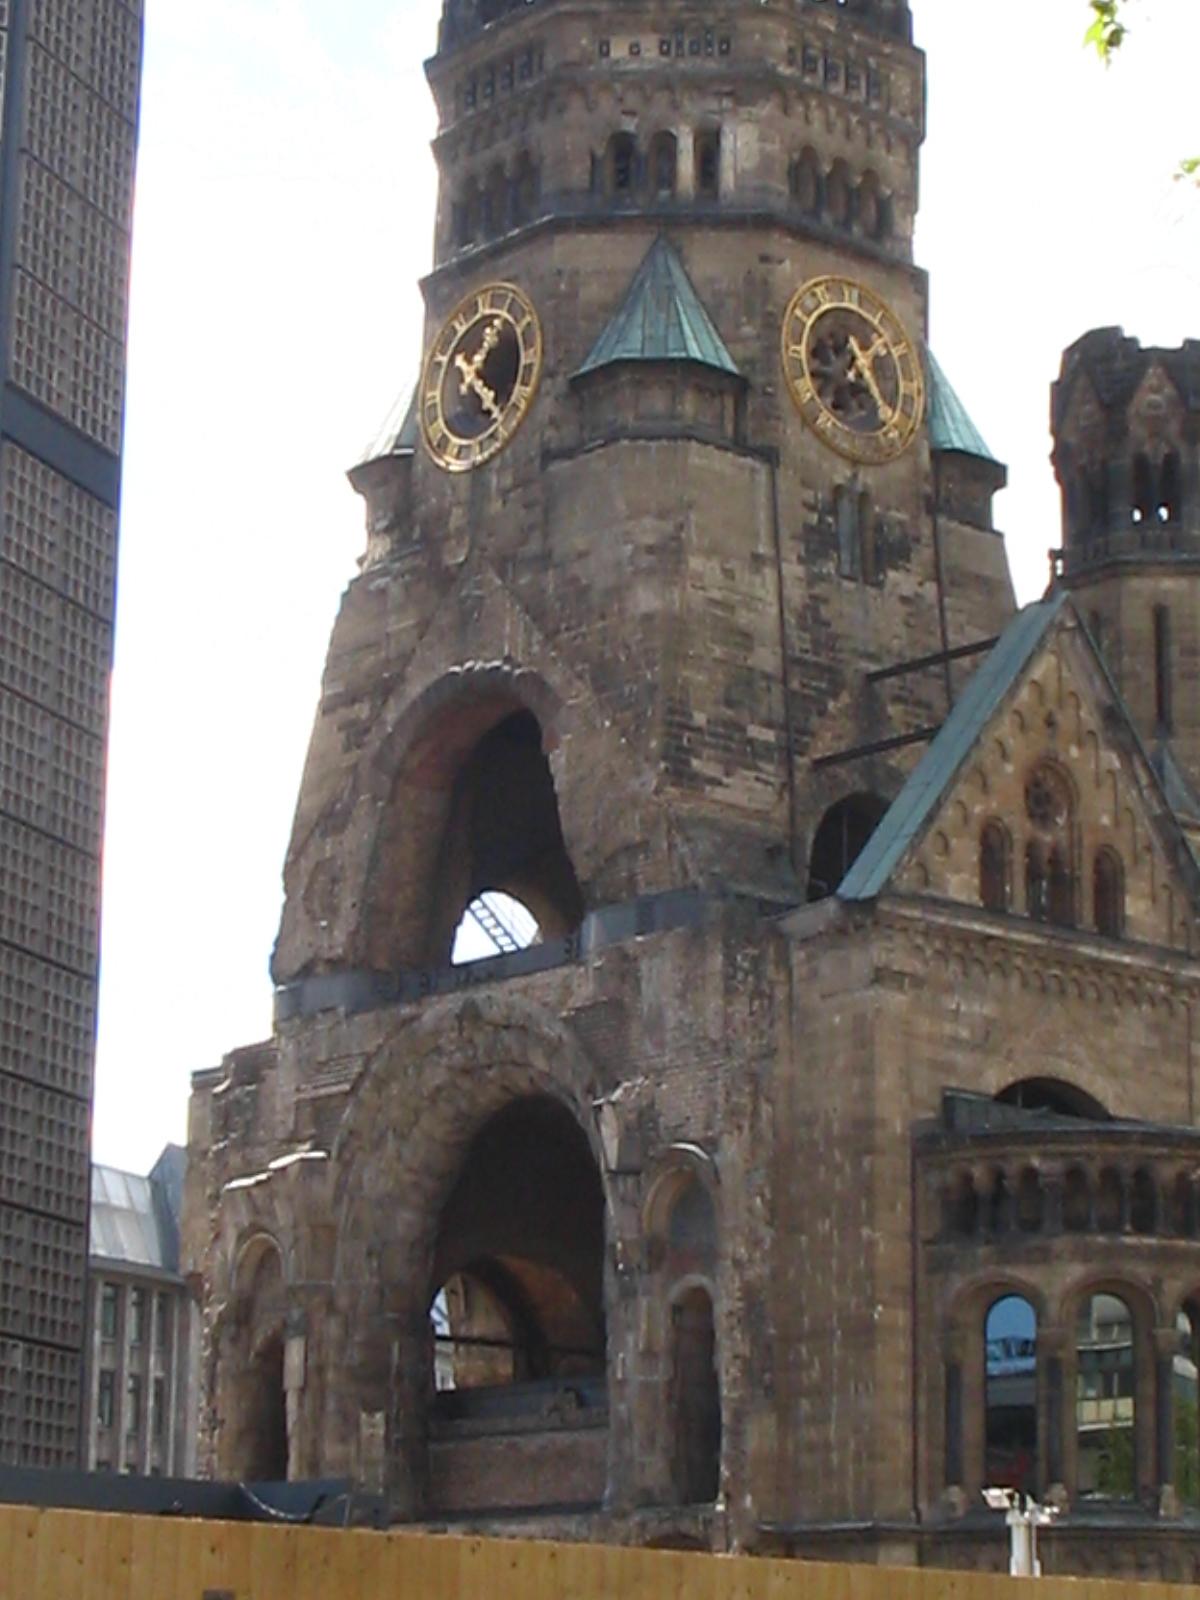 Torre de la iglesia destruida en la guerra, Berlin